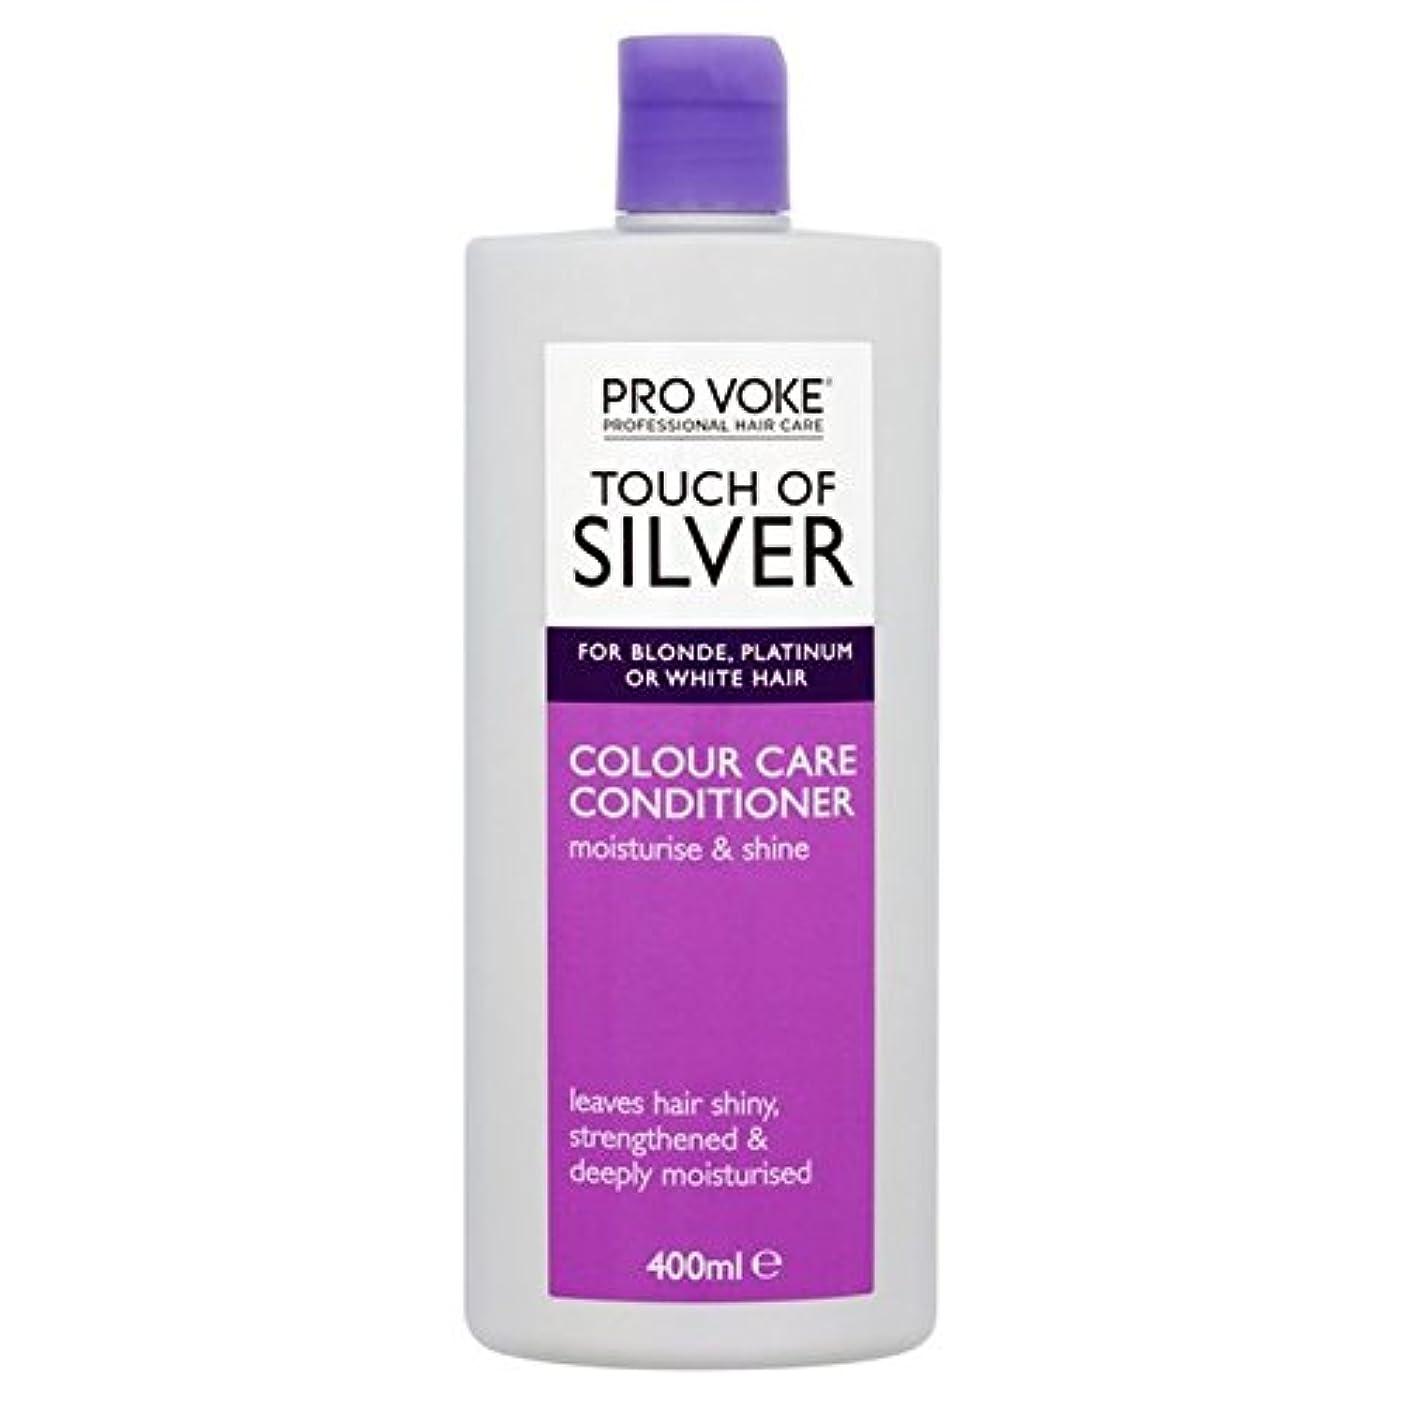 端口ひげ付与銀毎日ナリッシュコンディショナー400ミリリットルのタッチ x2 - Touch of Silver Daily Nourish Conditioner 400ml (Pack of 2) [並行輸入品]